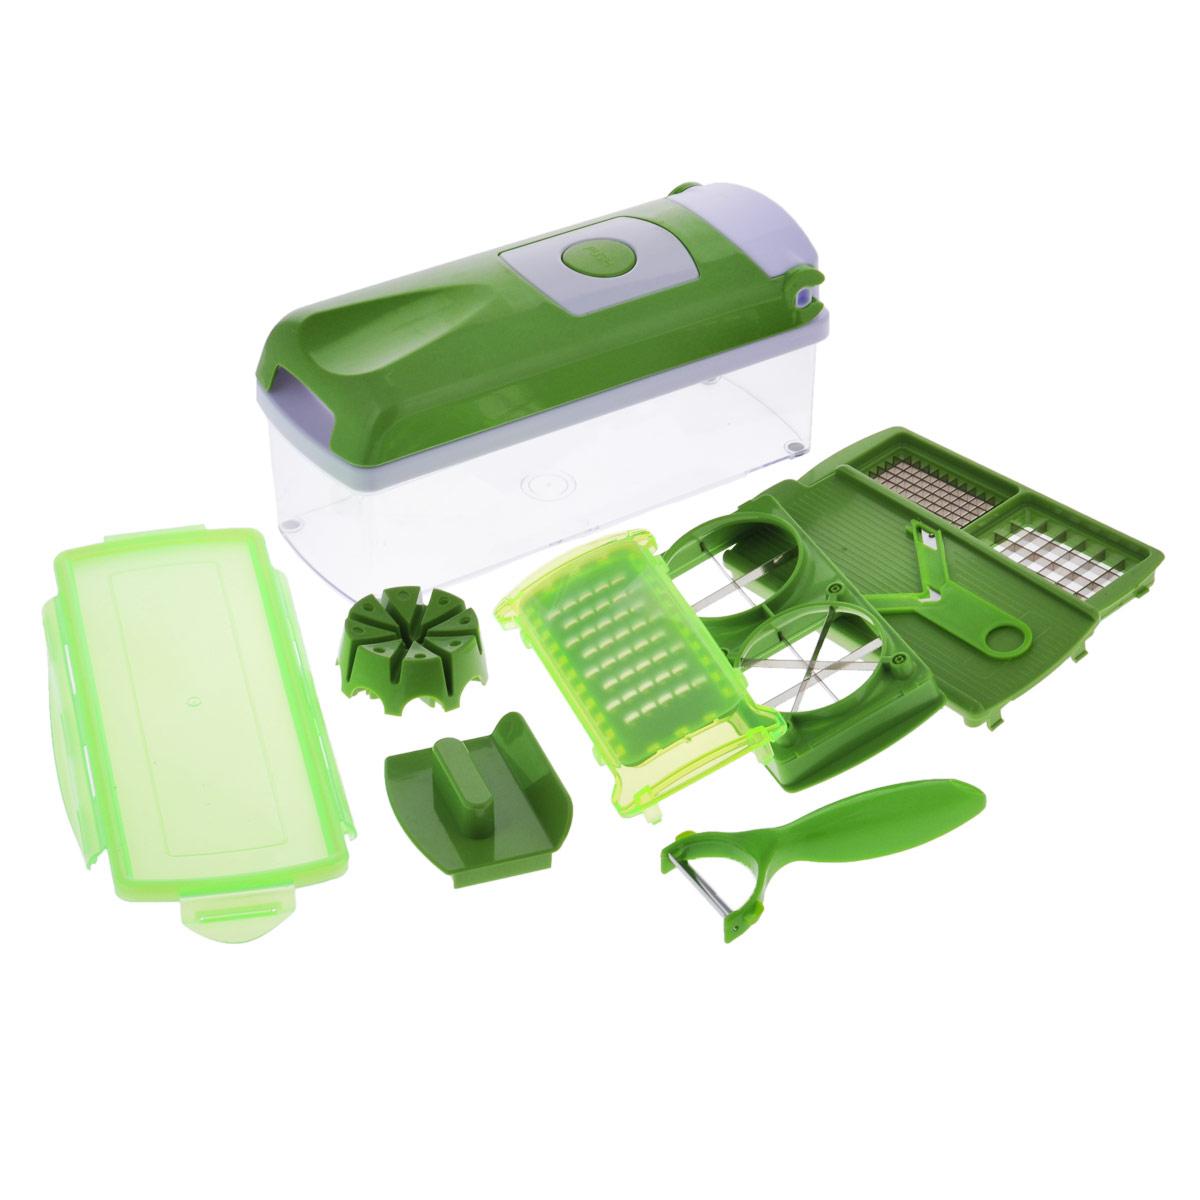 Овощерезка Nicer-Dicer ПЛЮС с контейнером22745Овощерезка Nicer-Dicer - это многофункциональный прибор, который поможет быстро нарезать фрукты и овощи. В комплекте: - лезвие для нарезки кольцами, - насадка для нарезания кольцами, - защитный кожух для насадок, - профессиональная овощечистка, - защитное приспособление для удержания продукта, - устройство для проталкивания продукта, - вкладыш для нарезки, - крышка с механизмом измельчения, - прозрачный контейнер для хранения и сбора объемом 1,5 л., - контейнеры для сбора, - вкладыш для нарезки 2 шт. Такой набор поможет без труда нарезать продукты кубиками, ломтиками или соломкой. Предметы набора можно мыть в посудомоечной машине. Размер контейнера: 27 см х 10 см х 8 см. Длина овощечистки: 15 см. Длина лезвия овощечистки: 5 см.